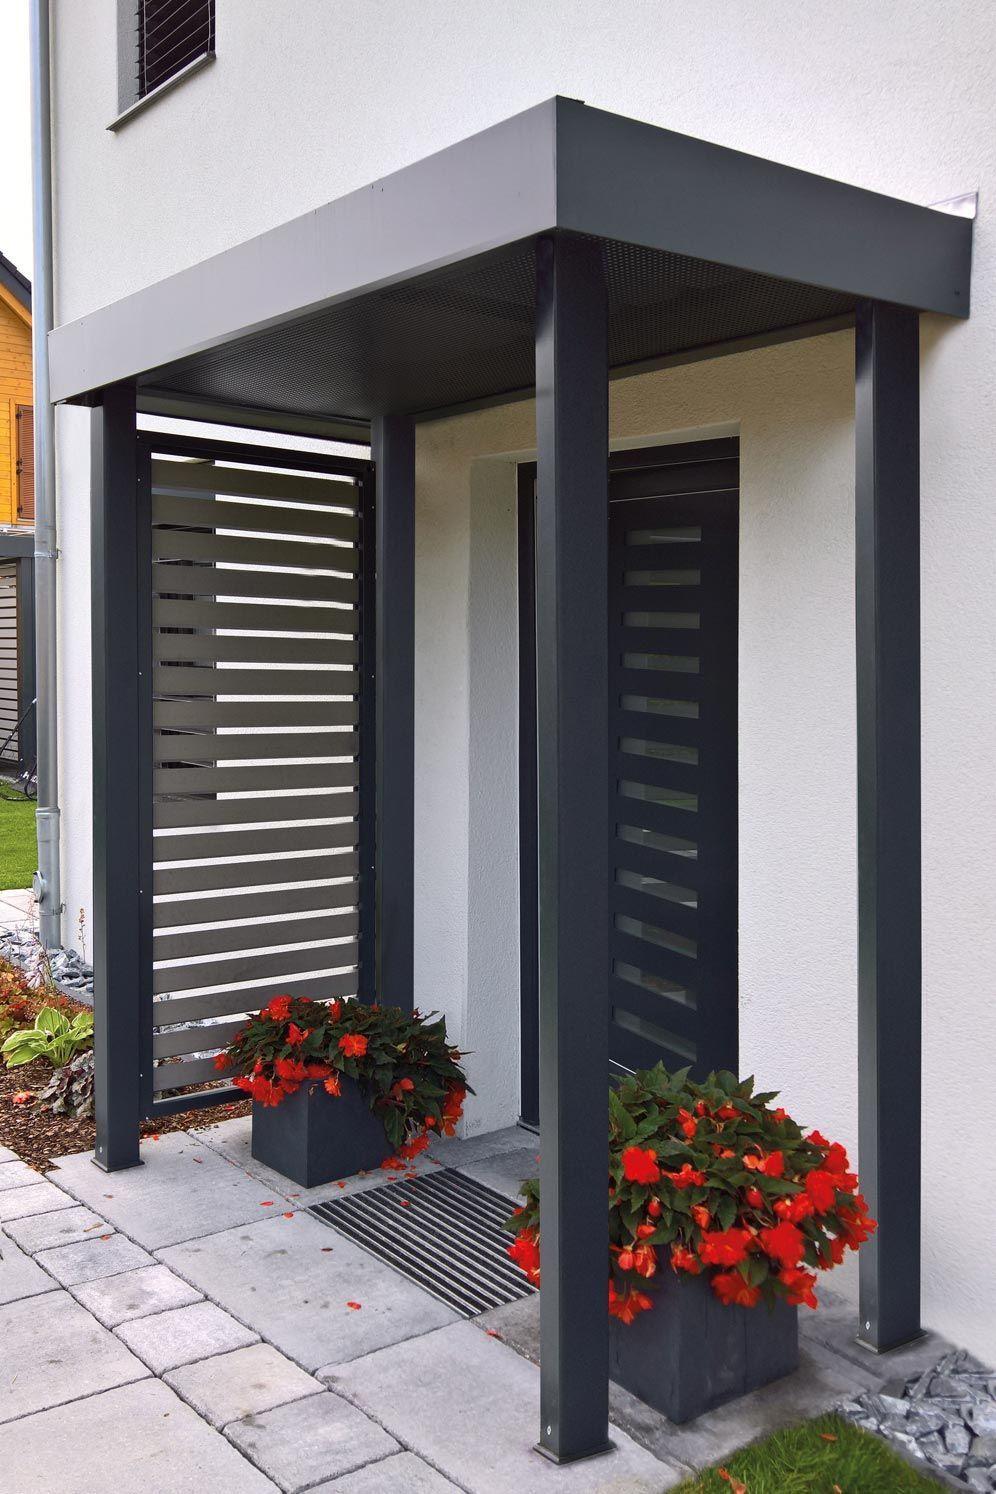 Bei Siebau erhalten Sie maßgefertigte Vordächer / Eingangsüberdachungen für